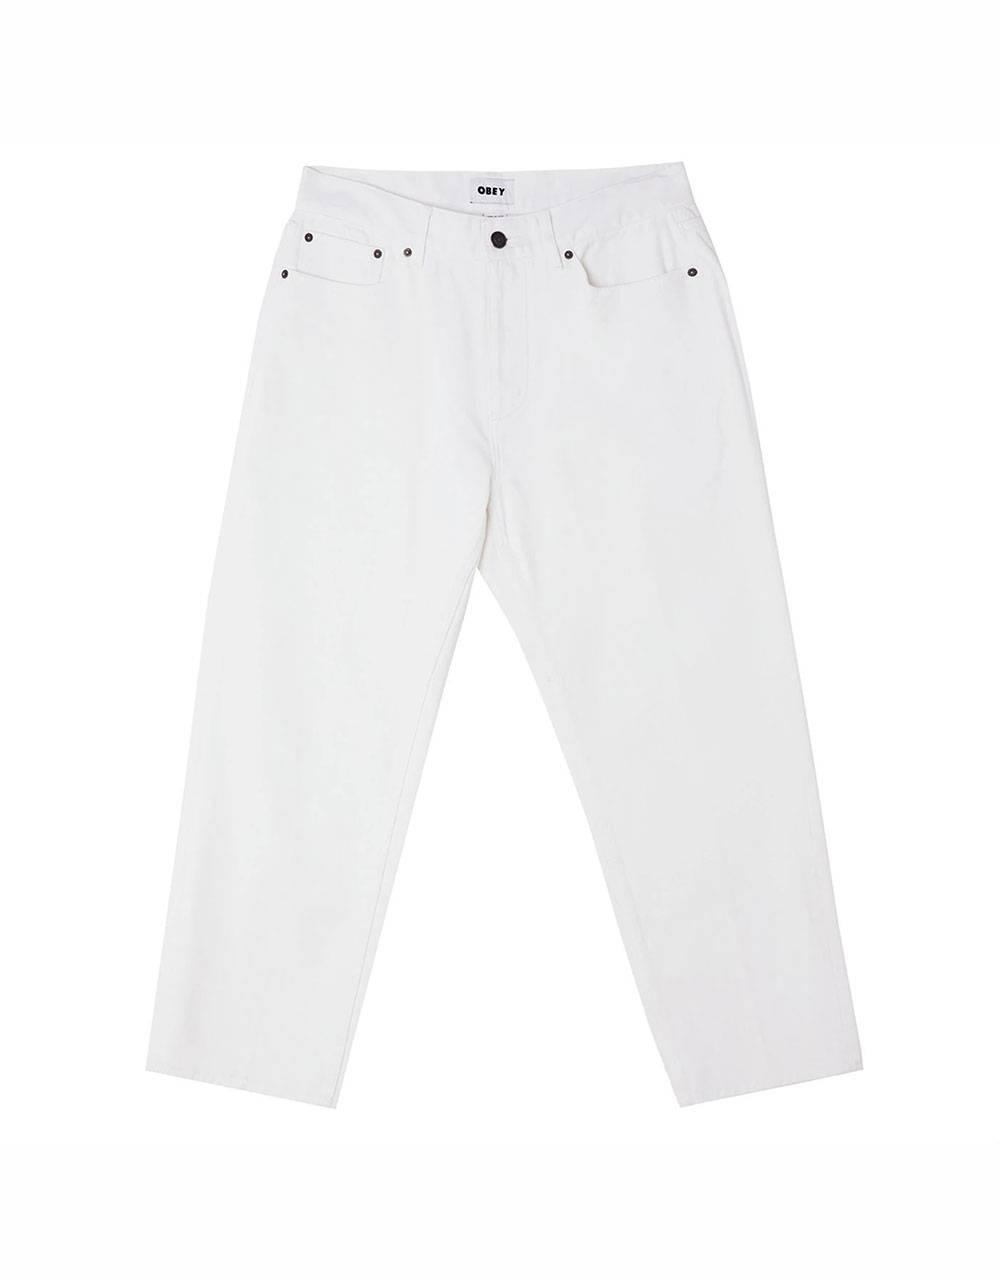 Obey Hardwork denim pants - white obey Pant 81,97€